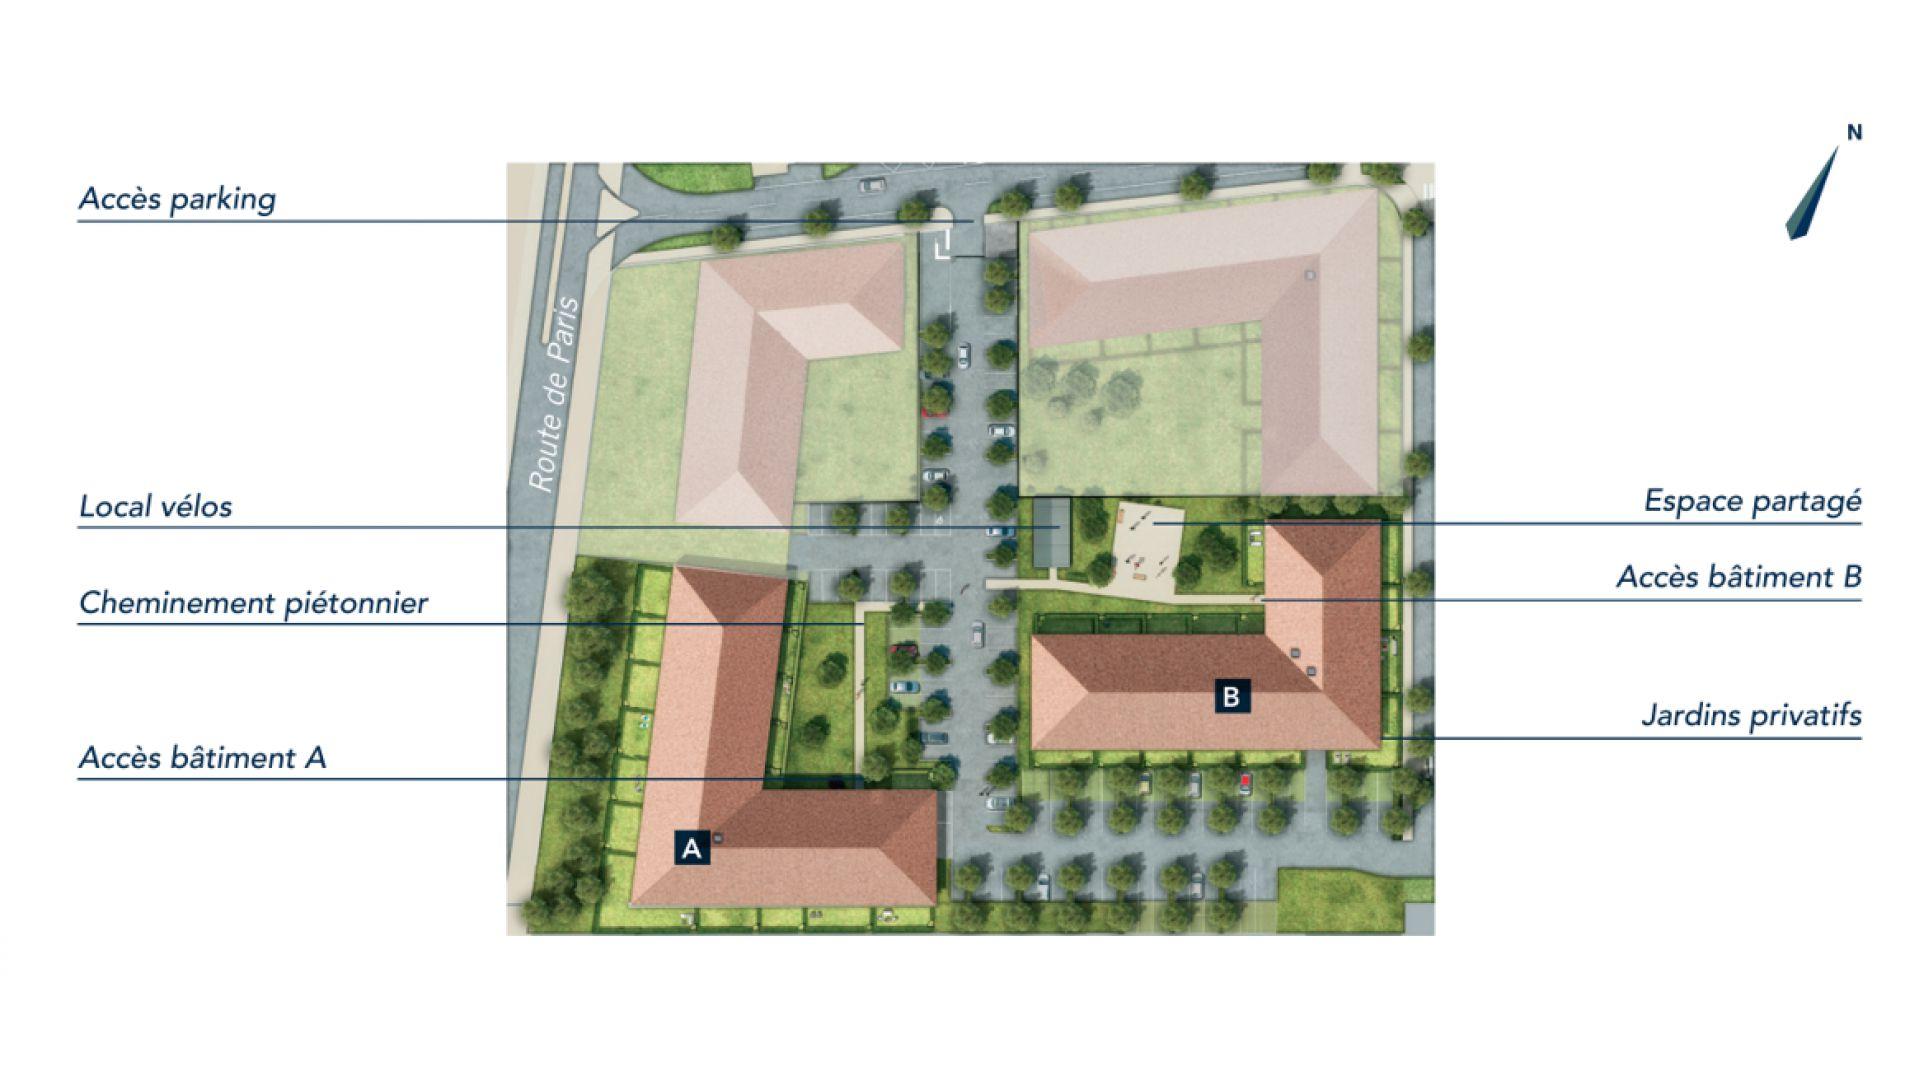 GreenCity immobilier - Saint-Jory - 31790 - Résidence Le Mas Séréna - appartements neufs du T2 au T3   - plan de masse